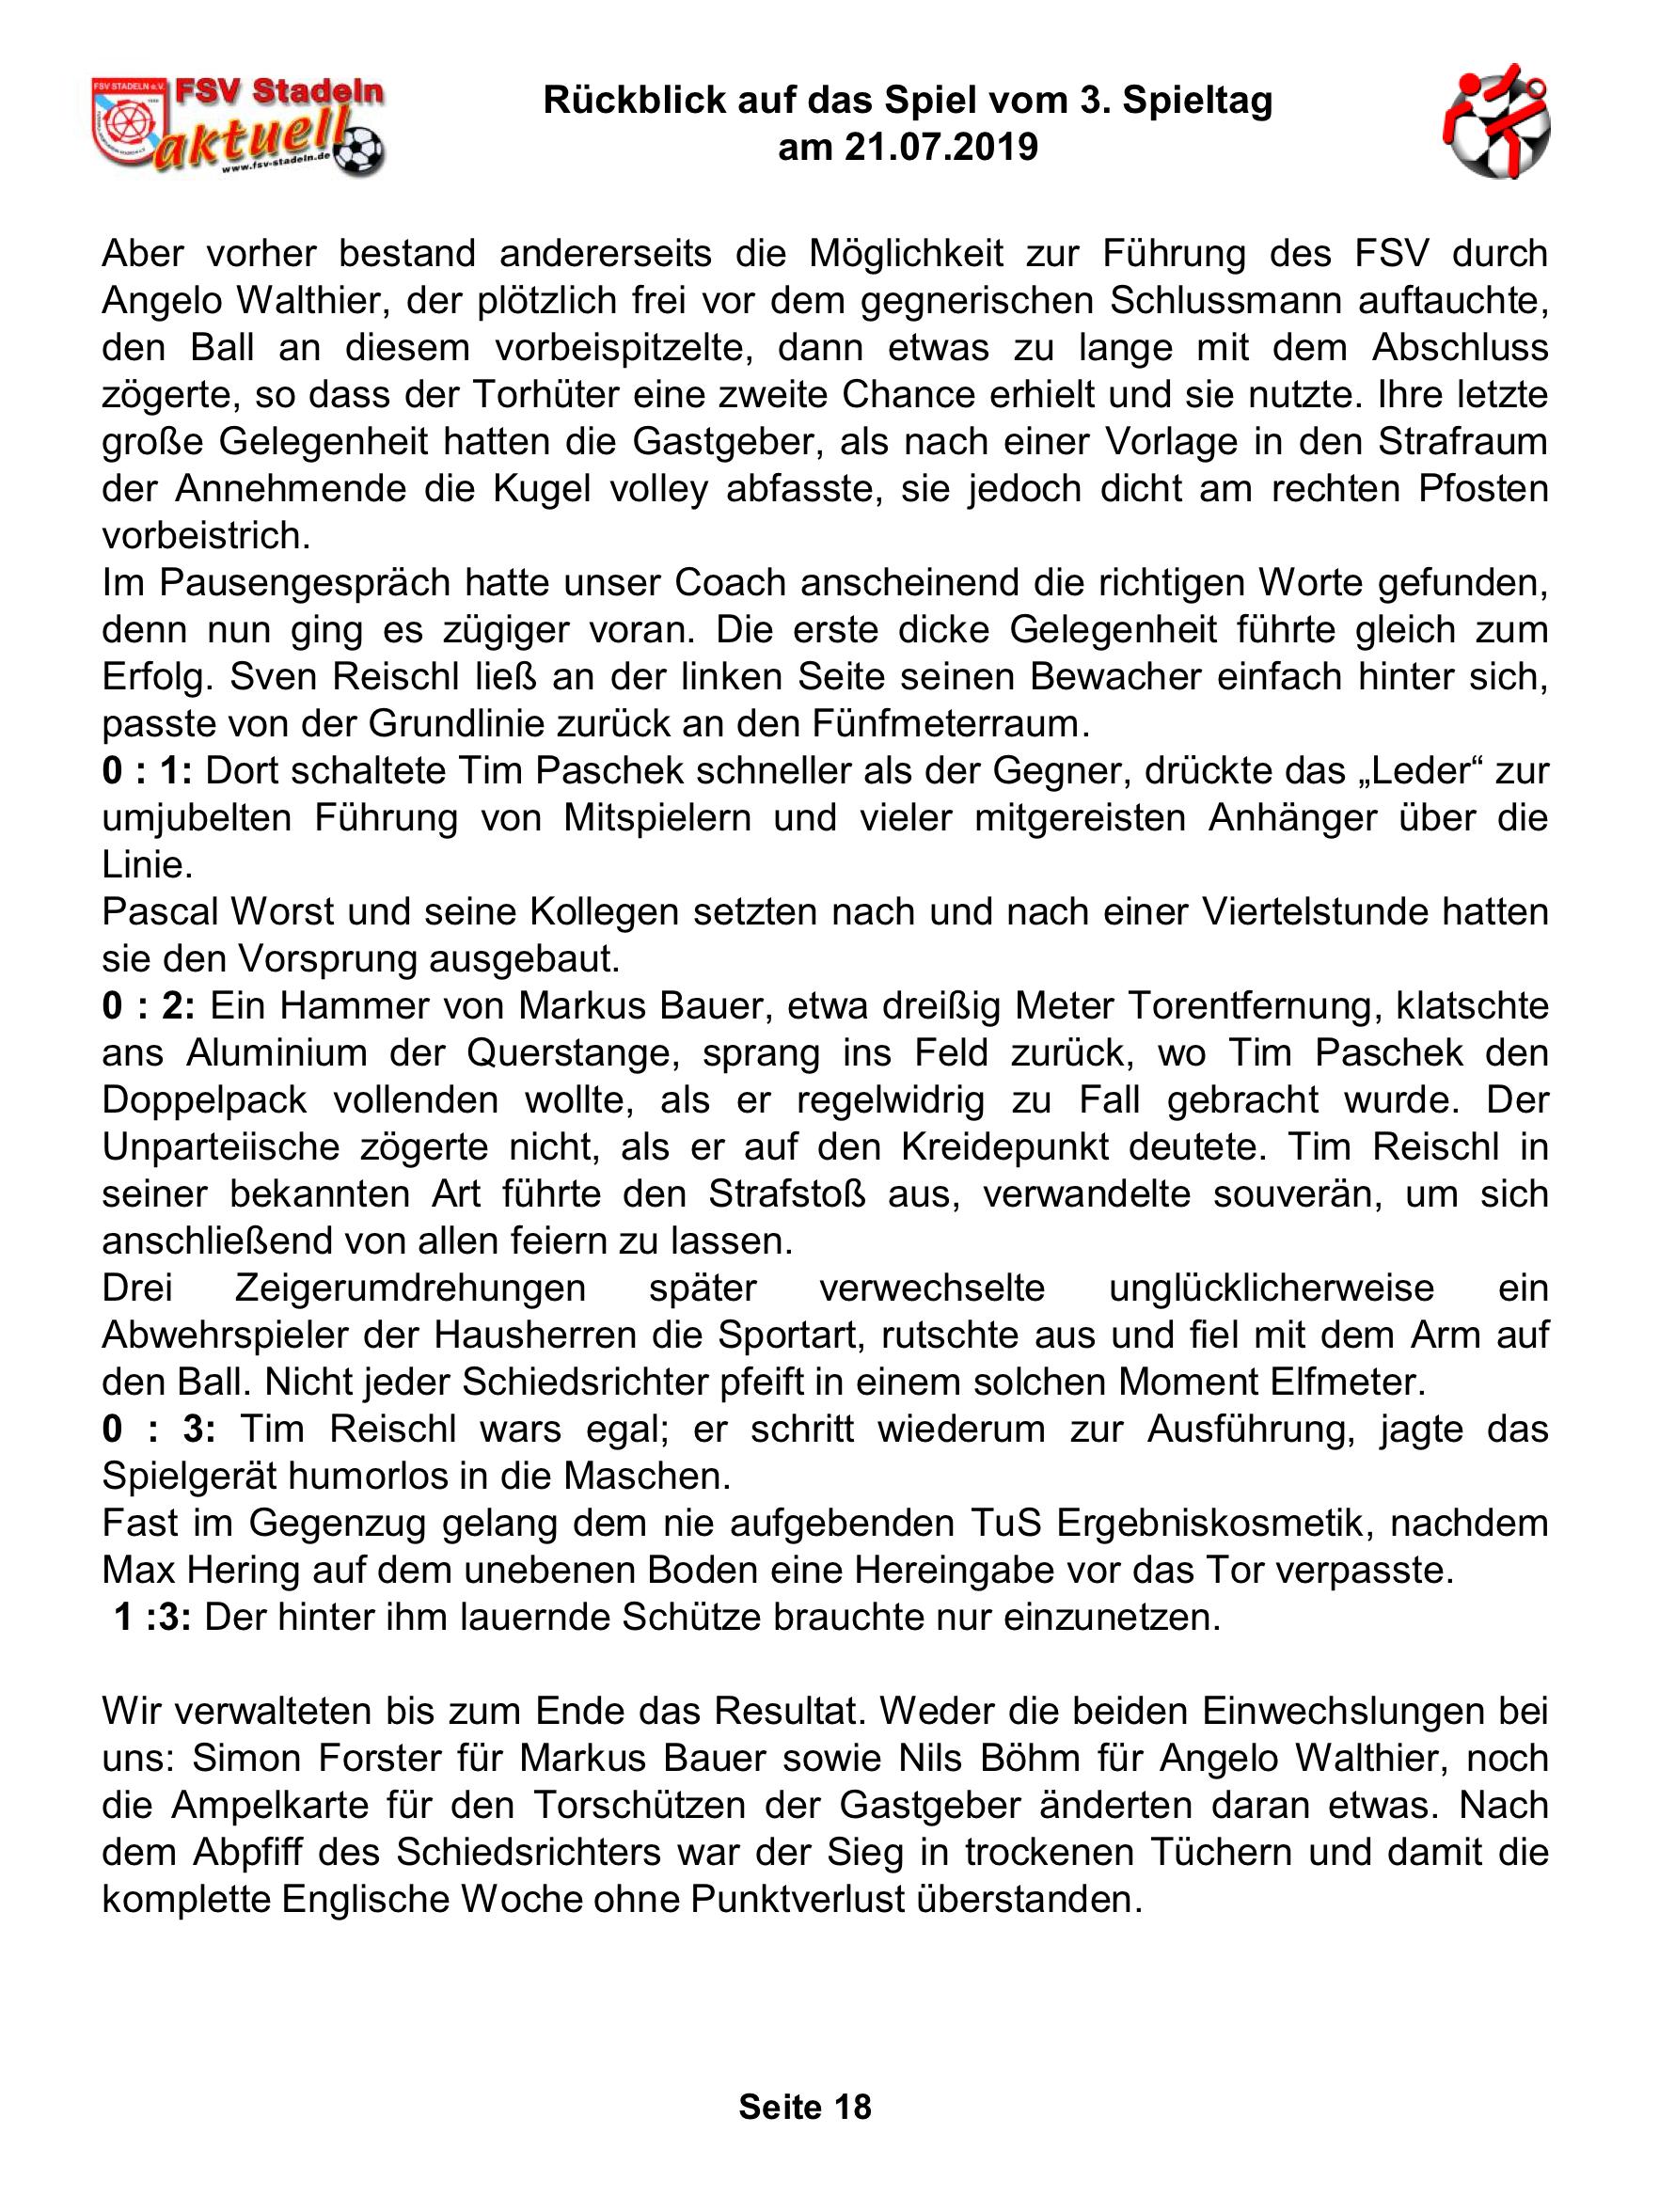 Neudrossenfeld-18.png